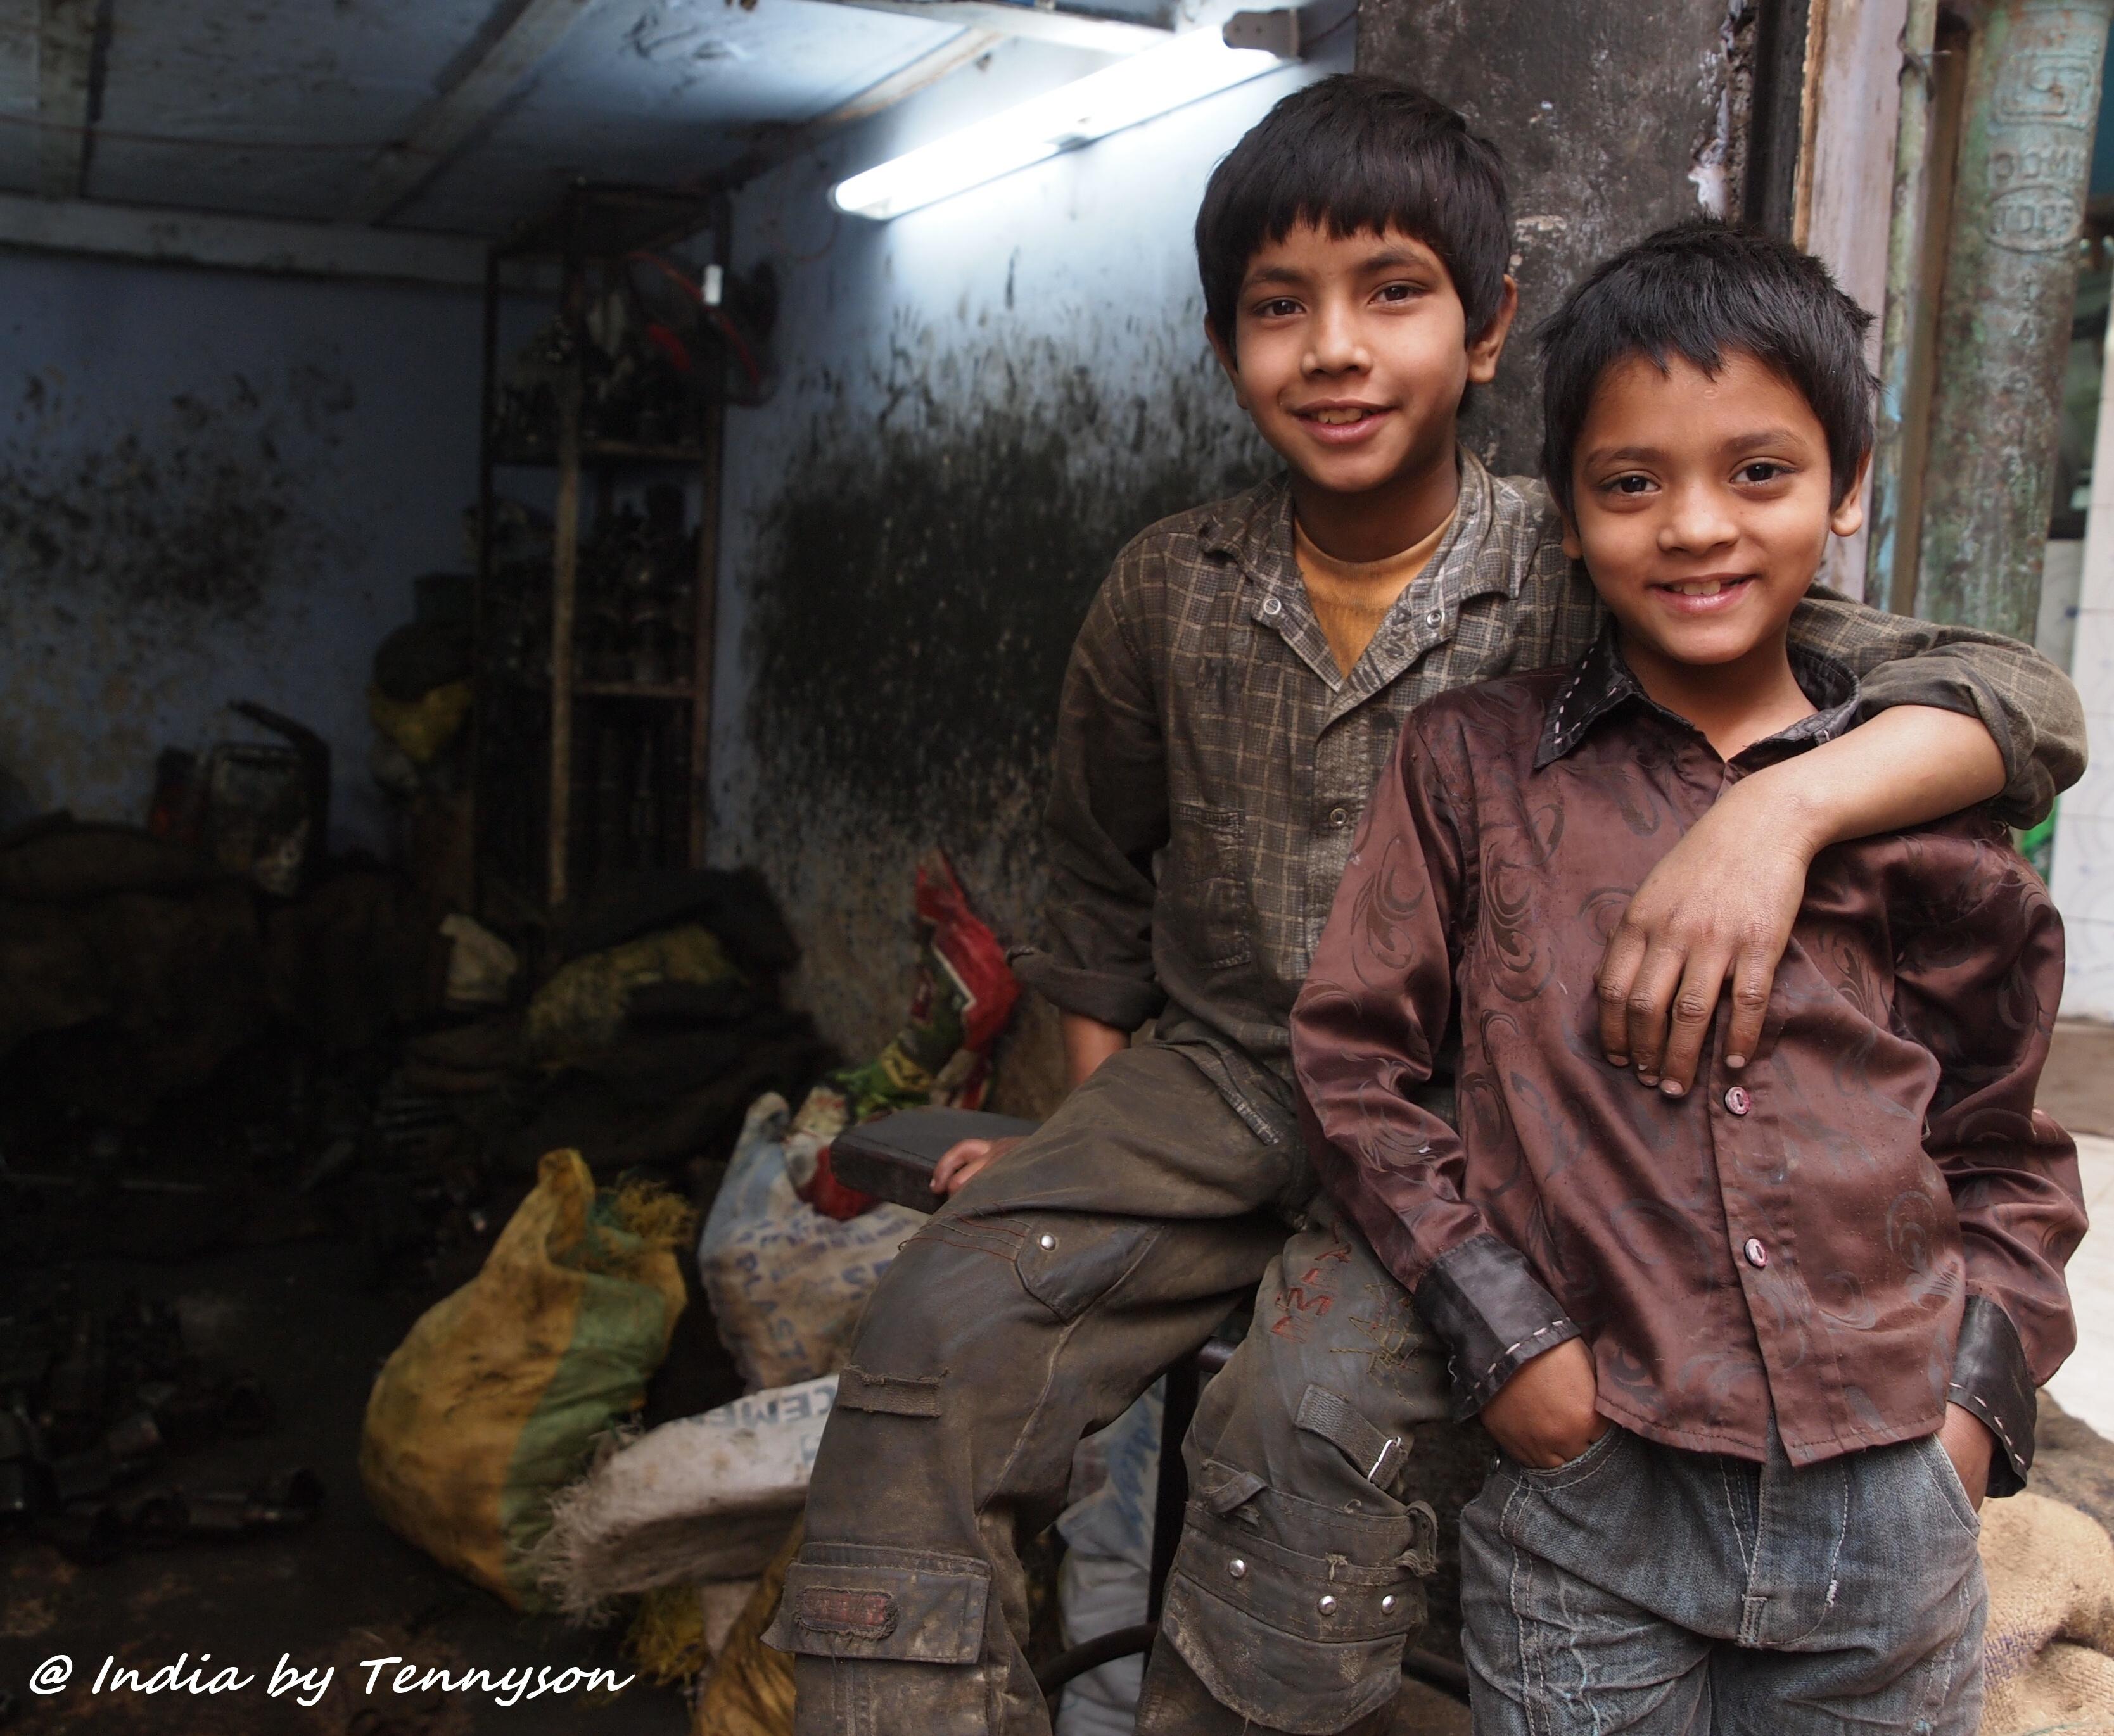 Poor Children Working Despite working in harsh andPoor Children Working